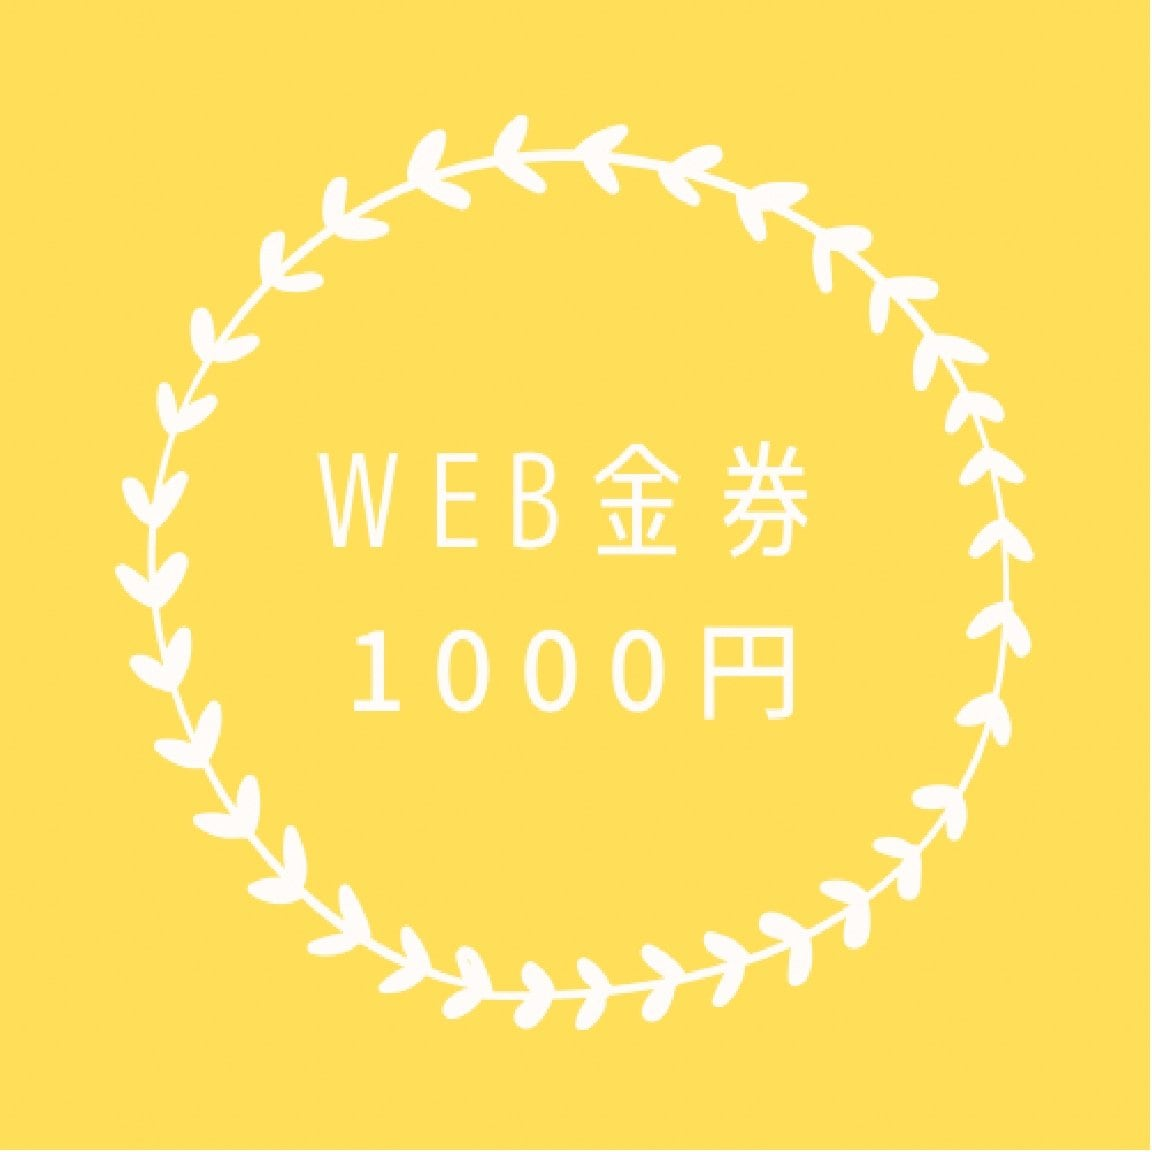 【レトロ居酒屋219専用】WEB用1000円金券 ※ポイント50㌽付与のイメージその1